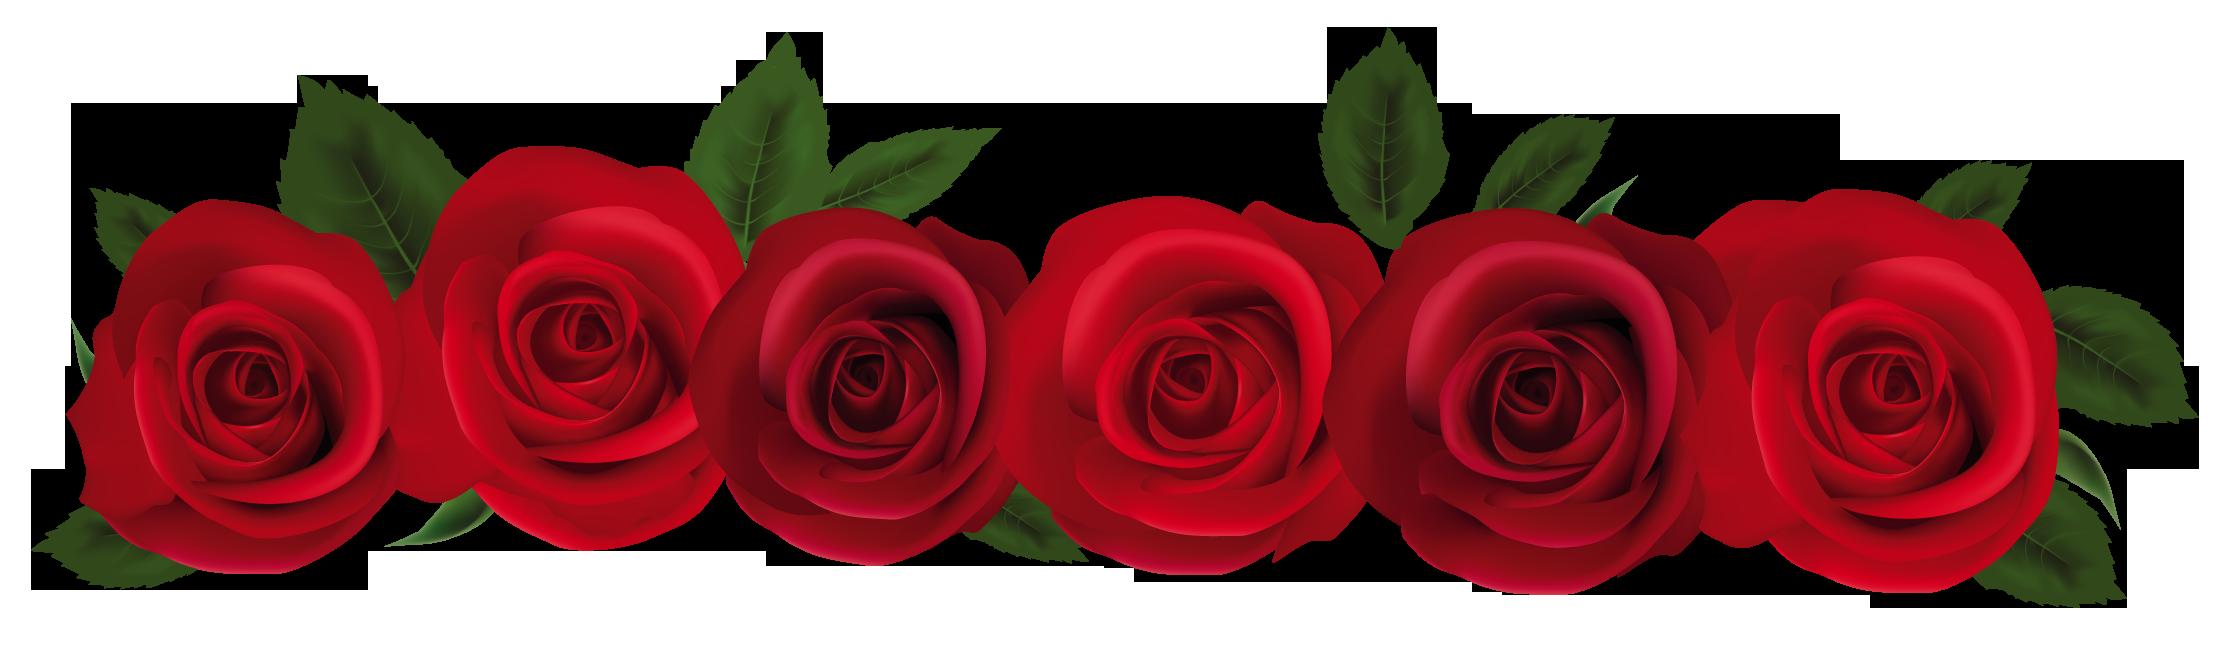 Border clip art free. Boarder clipart rose